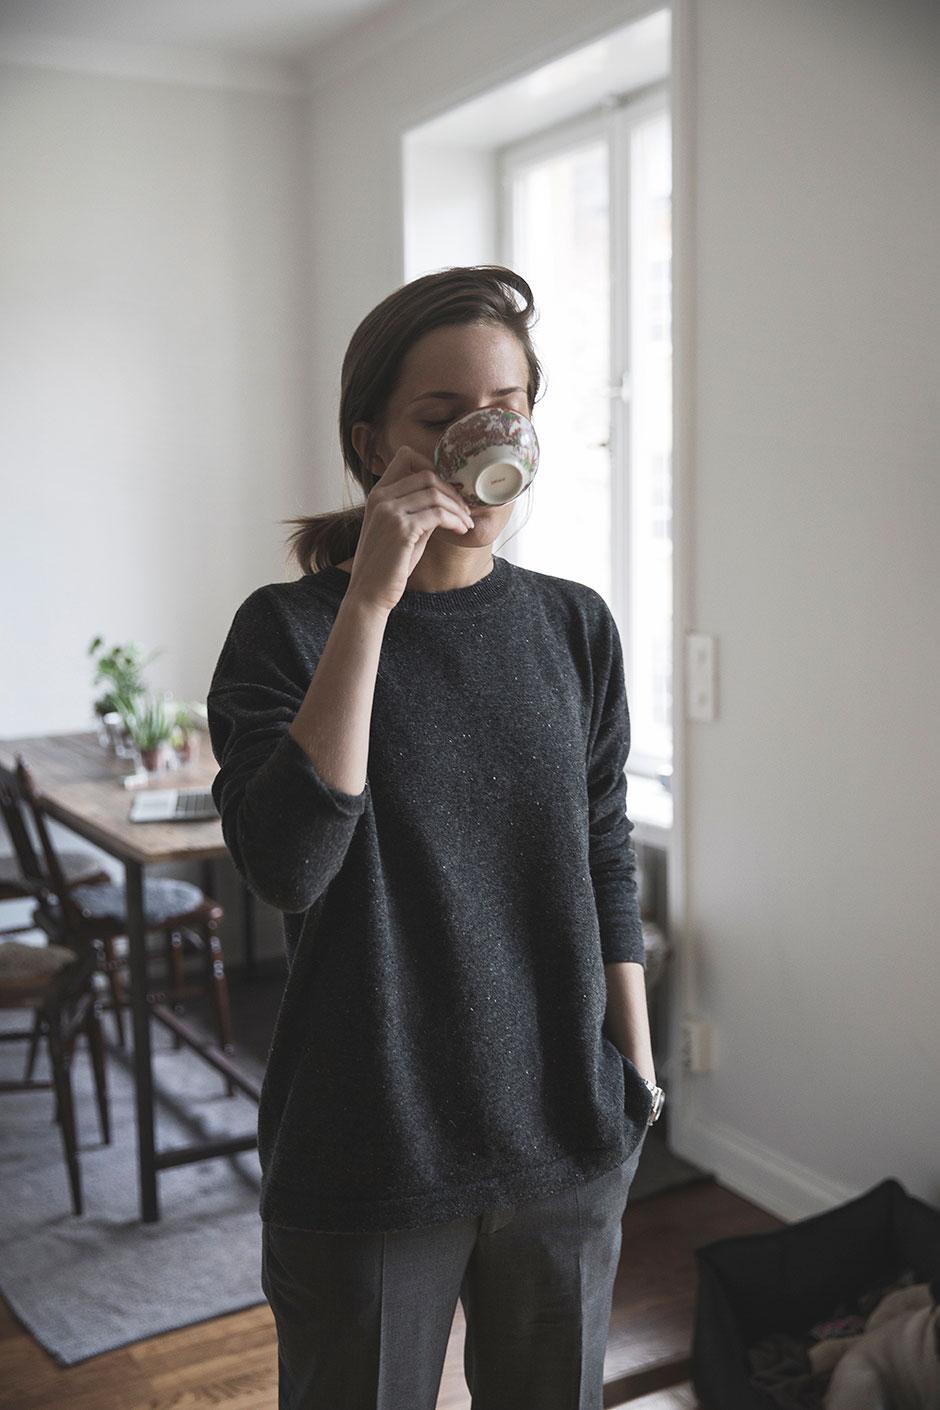 寬鬆的黑衣配灰色休閒西服褲,一種大氣的知性美油然而生,也是小編最喜歡的一種造型~><